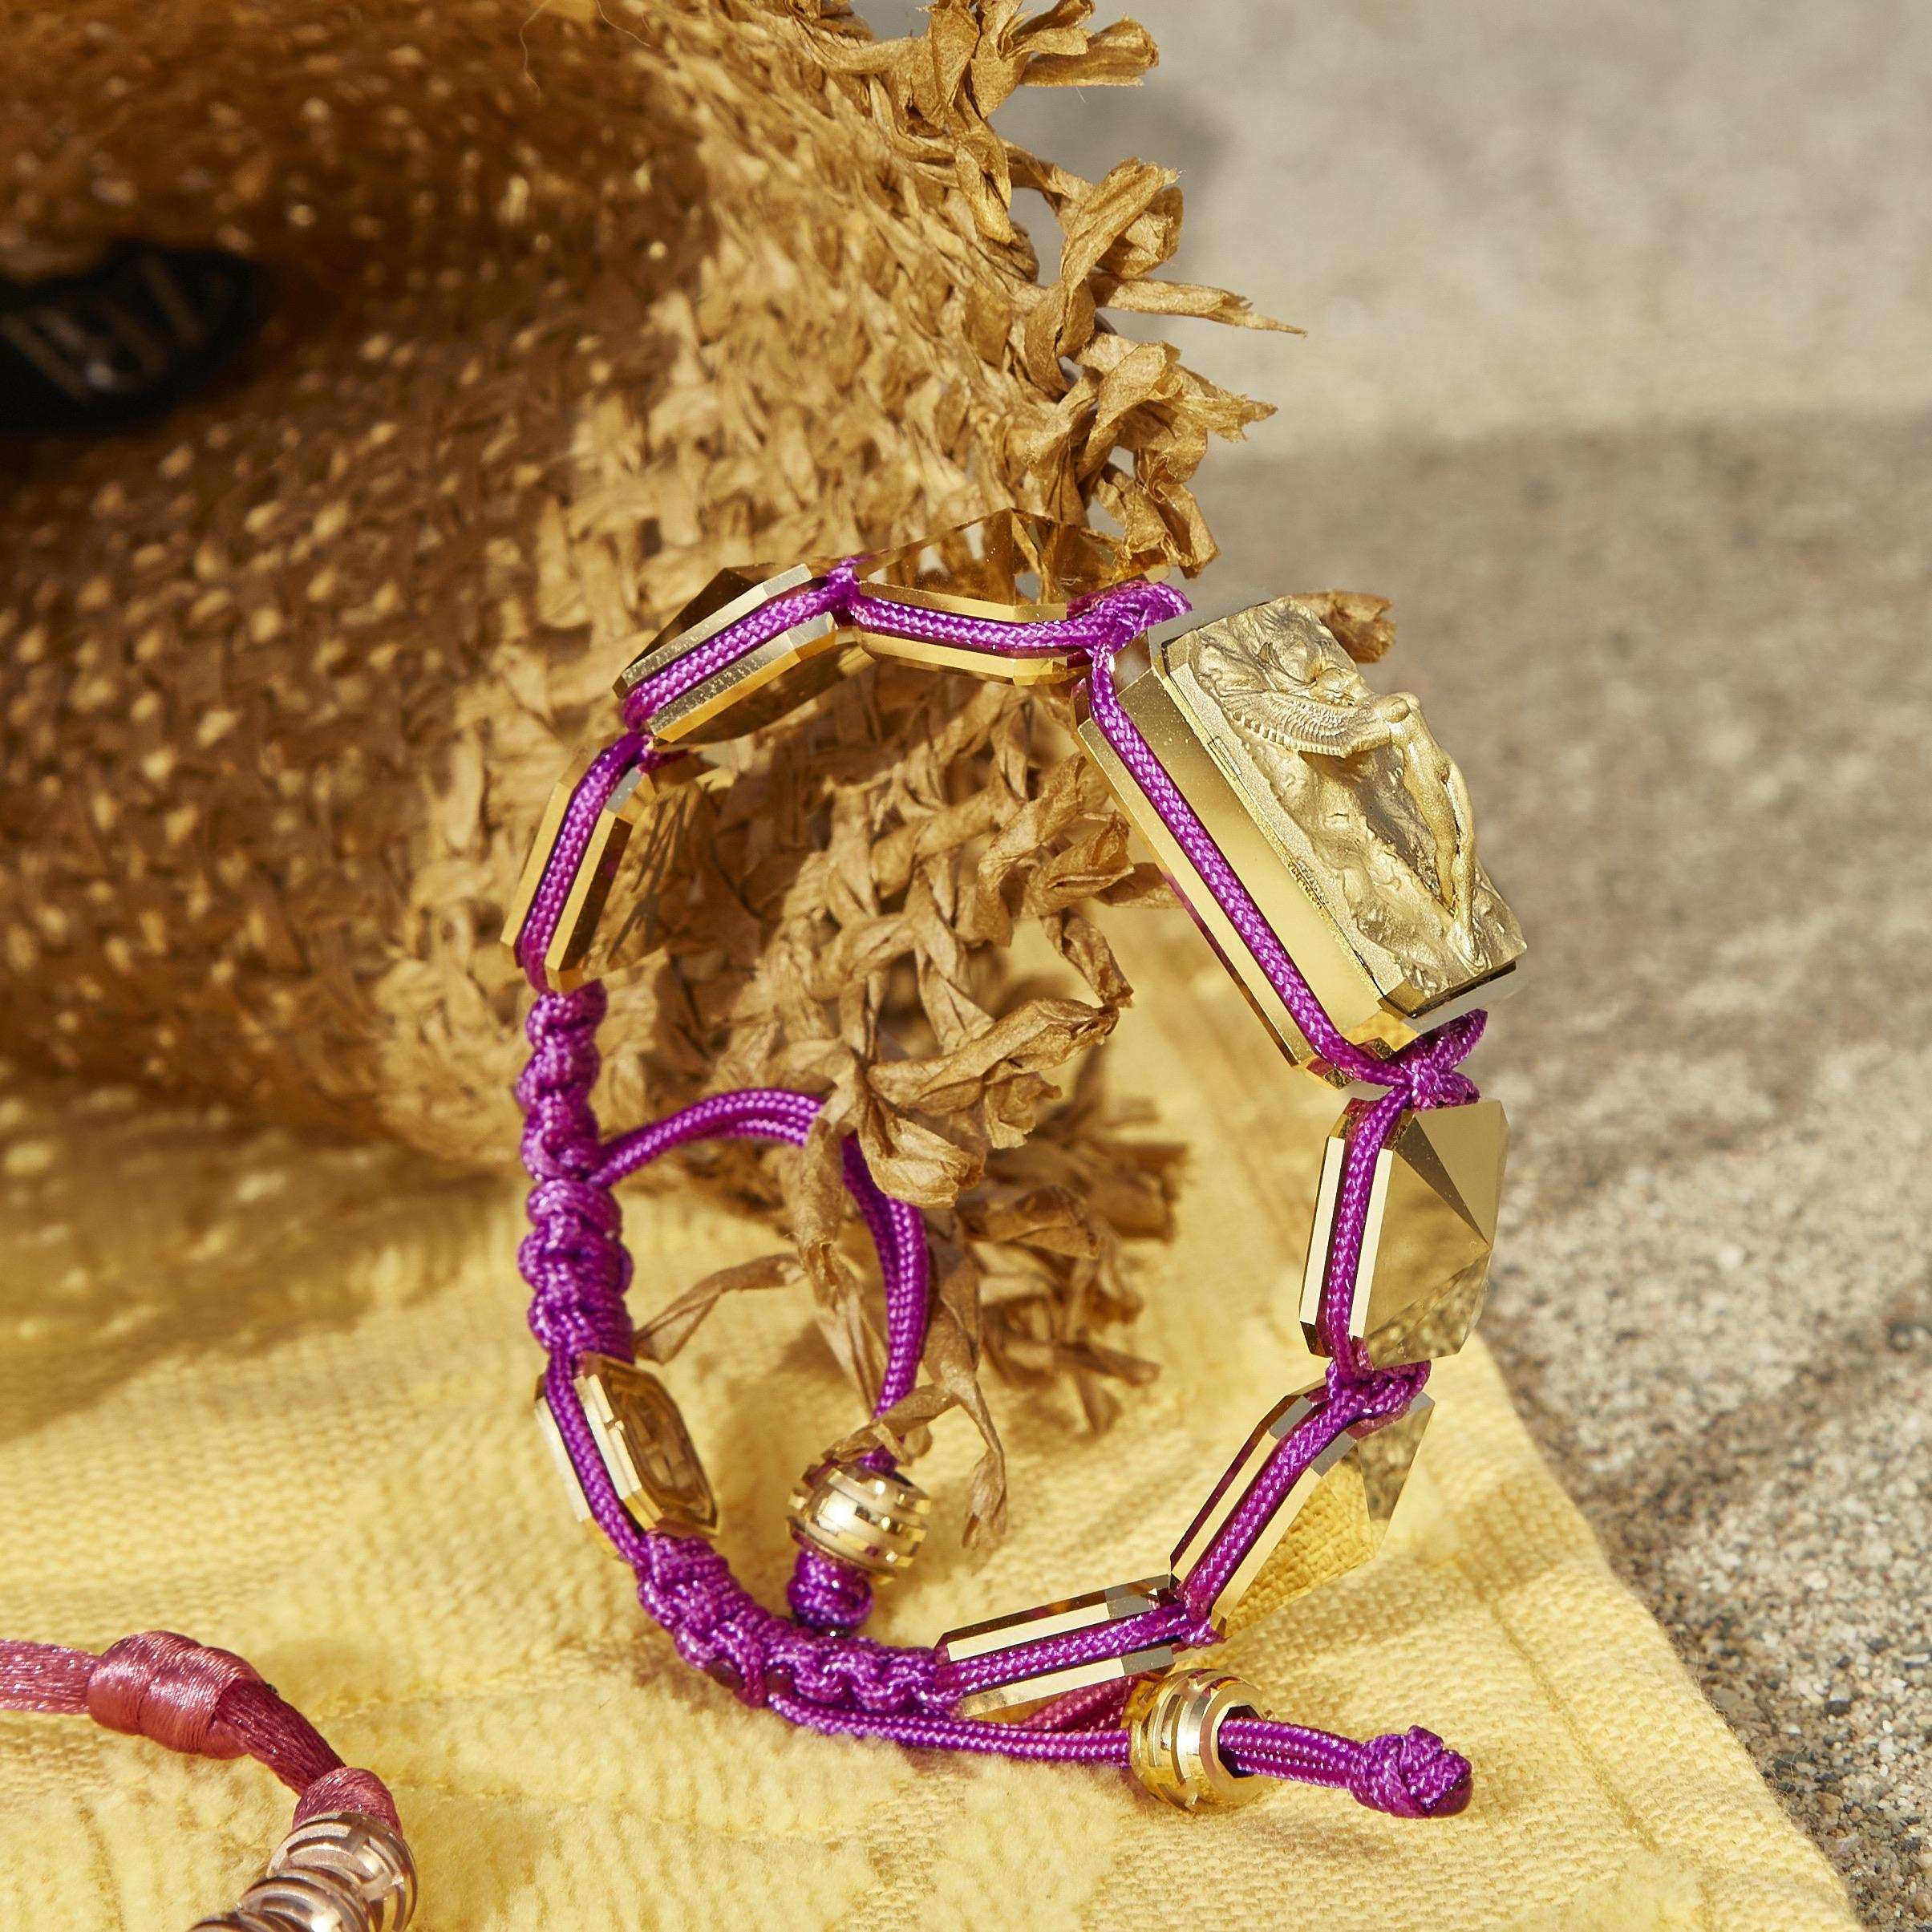 Pulsera Selfmade con cerámica y escultura acabadas en Oro Amarillo de 18k. Hilo violeta.